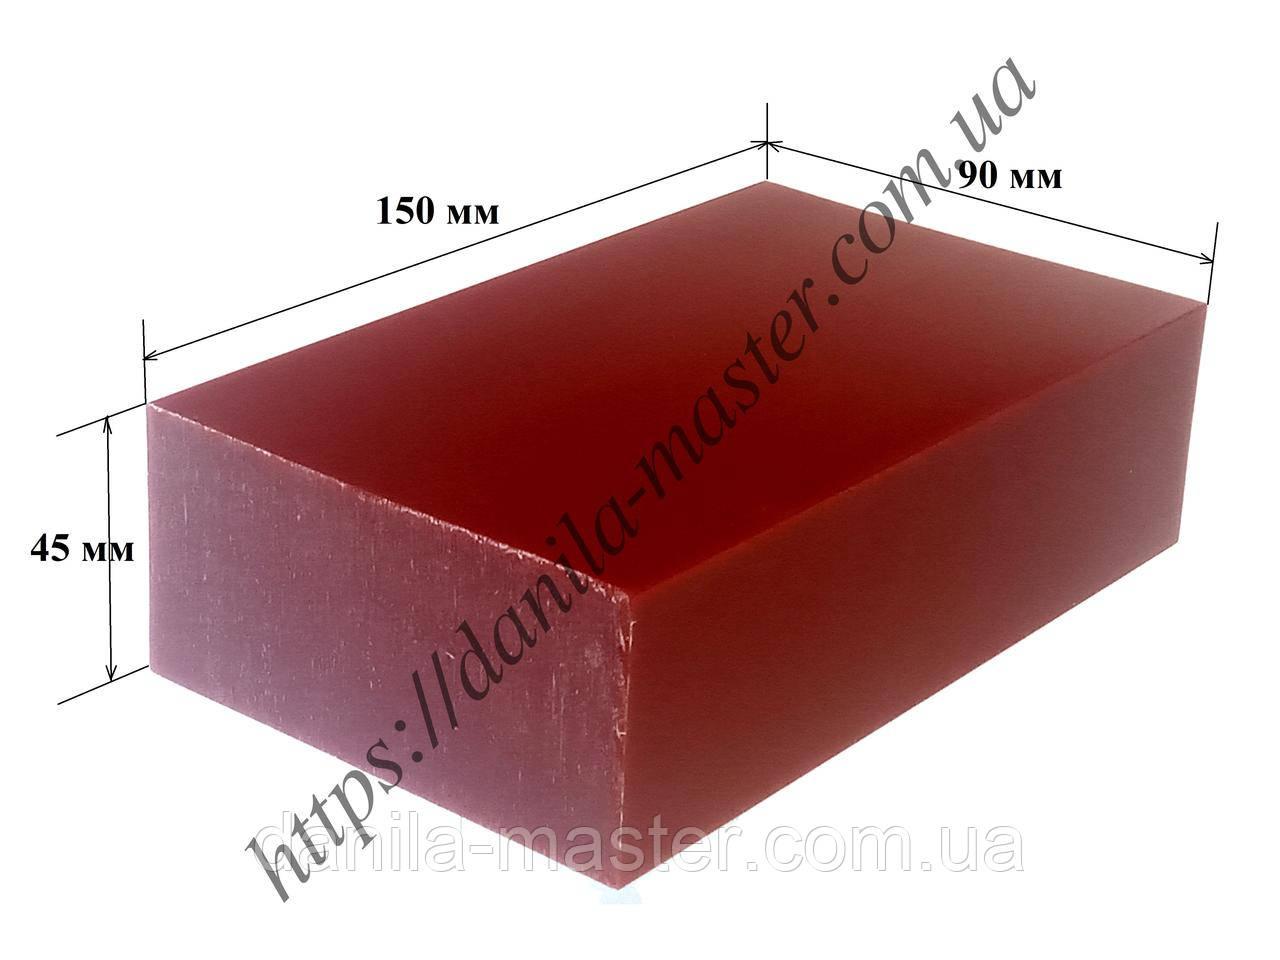 Модельний віск блок бордовий (150*90*45 мм)